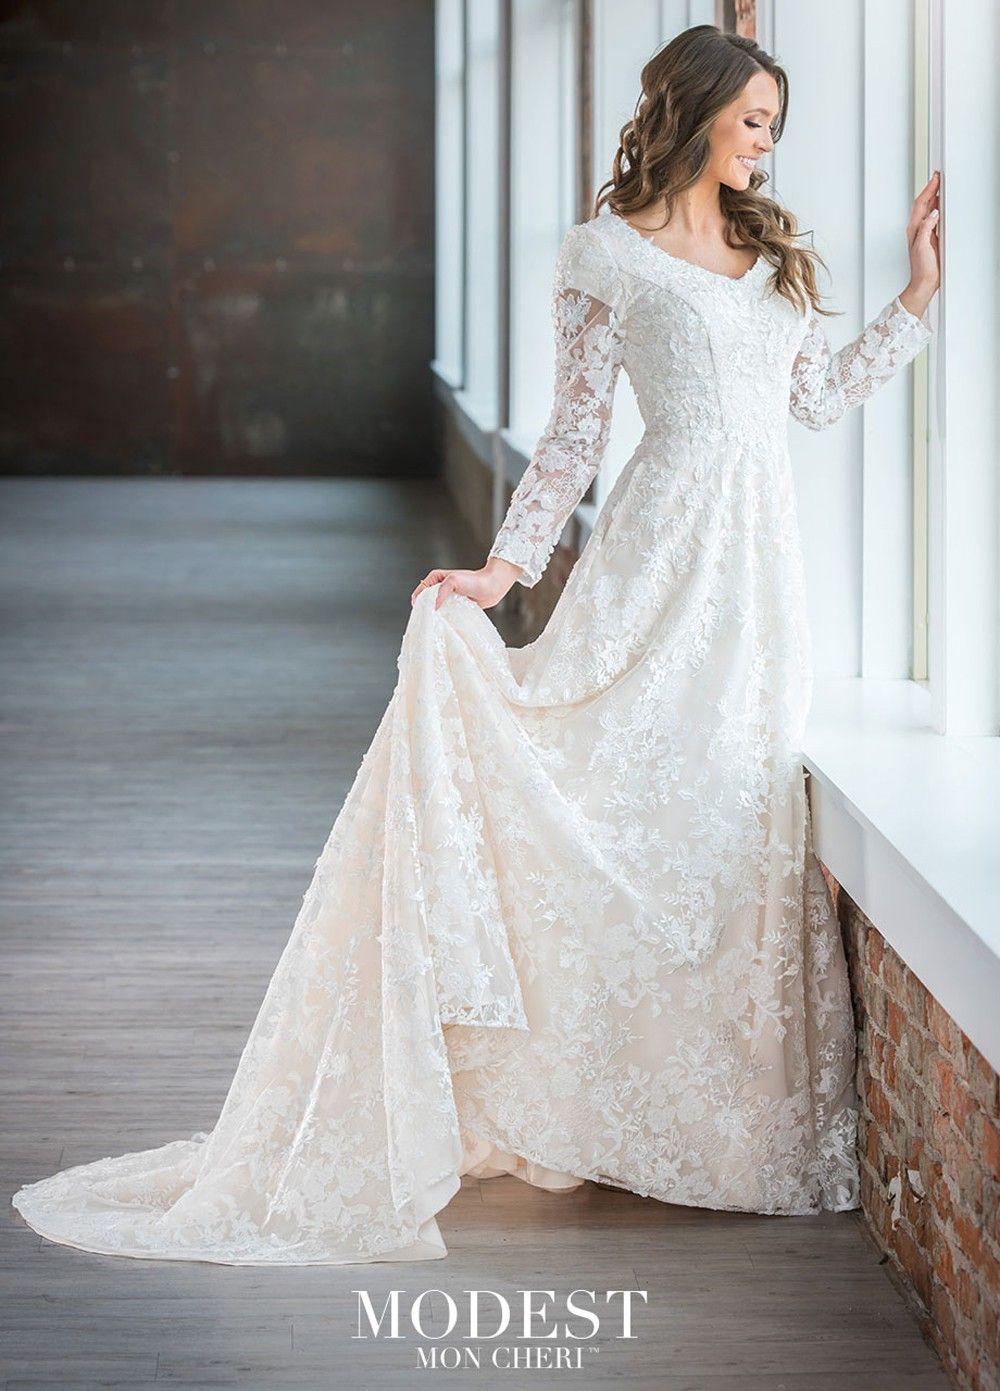 Modest Bridal By Mon Cheri Tr21909 Lace Bridal Gown In 2020 Short Bridal Dress Lace Bridal Gown Long Sleeve Bridal Dresses [ 1391 x 1000 Pixel ]